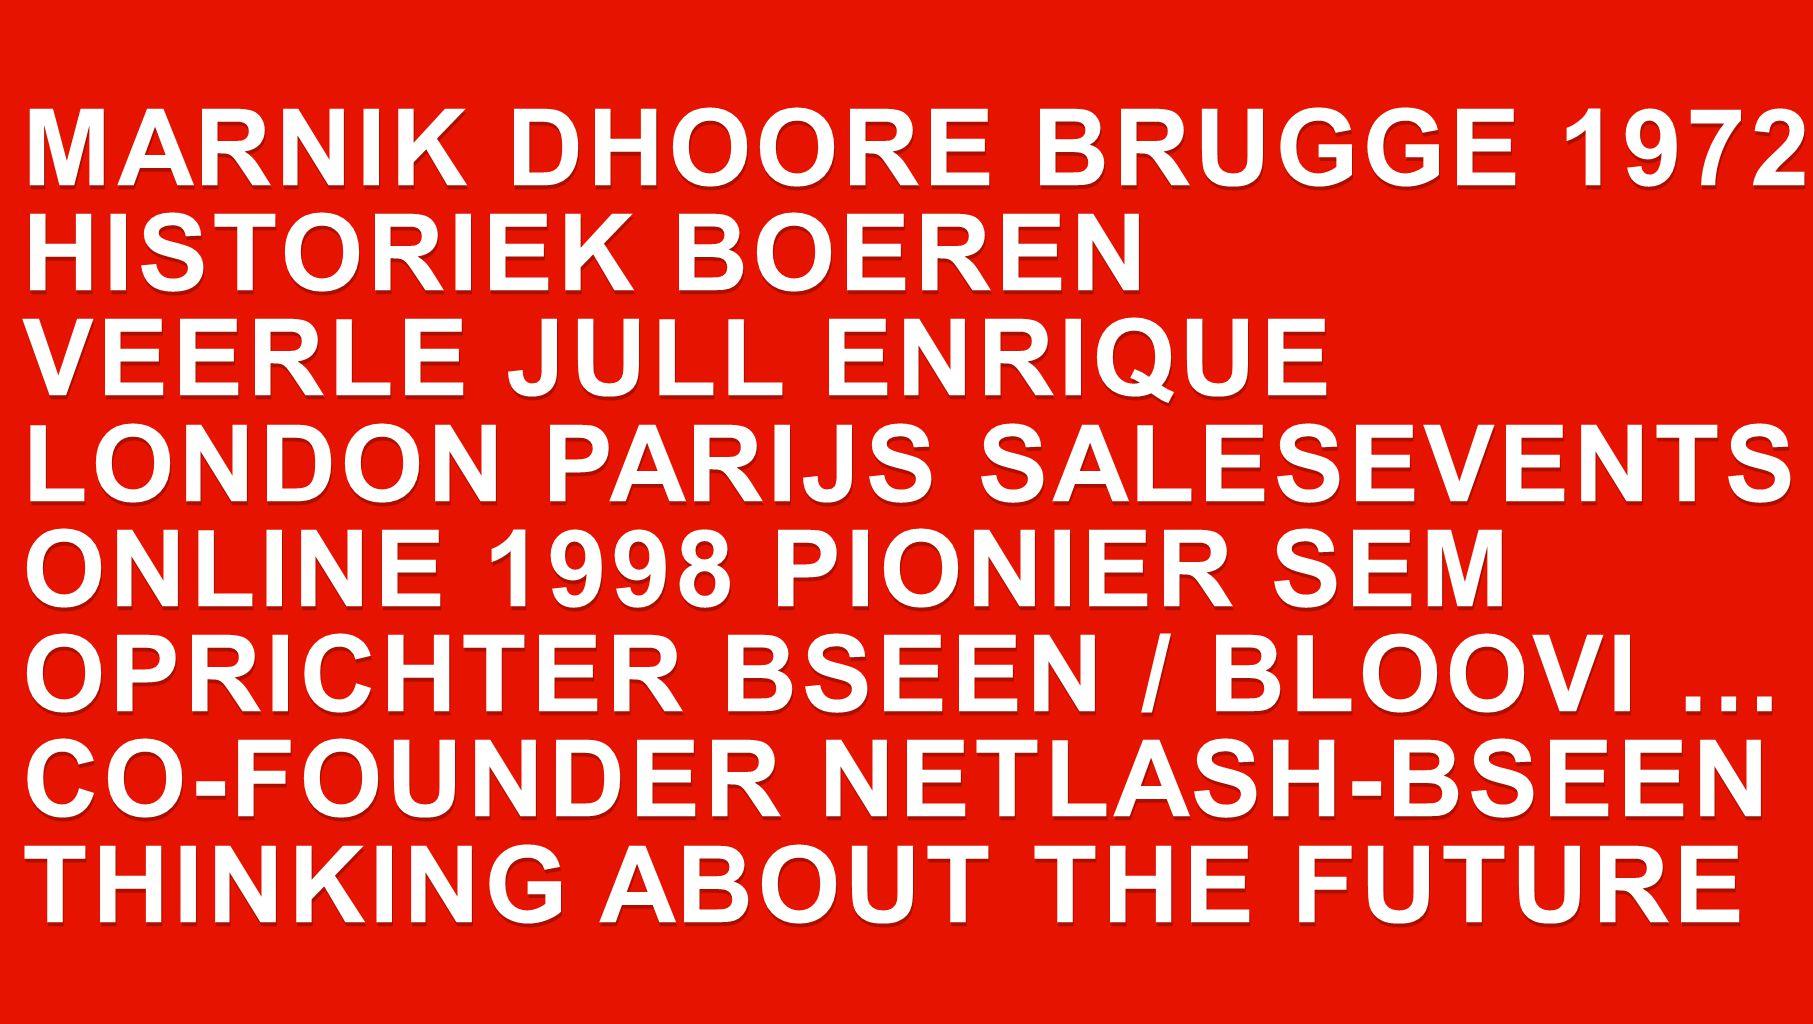 MARNIK DHOORE BRUGGE 1972 HISTORIEK BOEREN VEERLE JULL ENRIQUE LONDON PARIJS SALESEVENTS ONLINE 1998 PIONIER SEM OPRICHTER BSEEN / BLOOVI … CO-FOUNDER